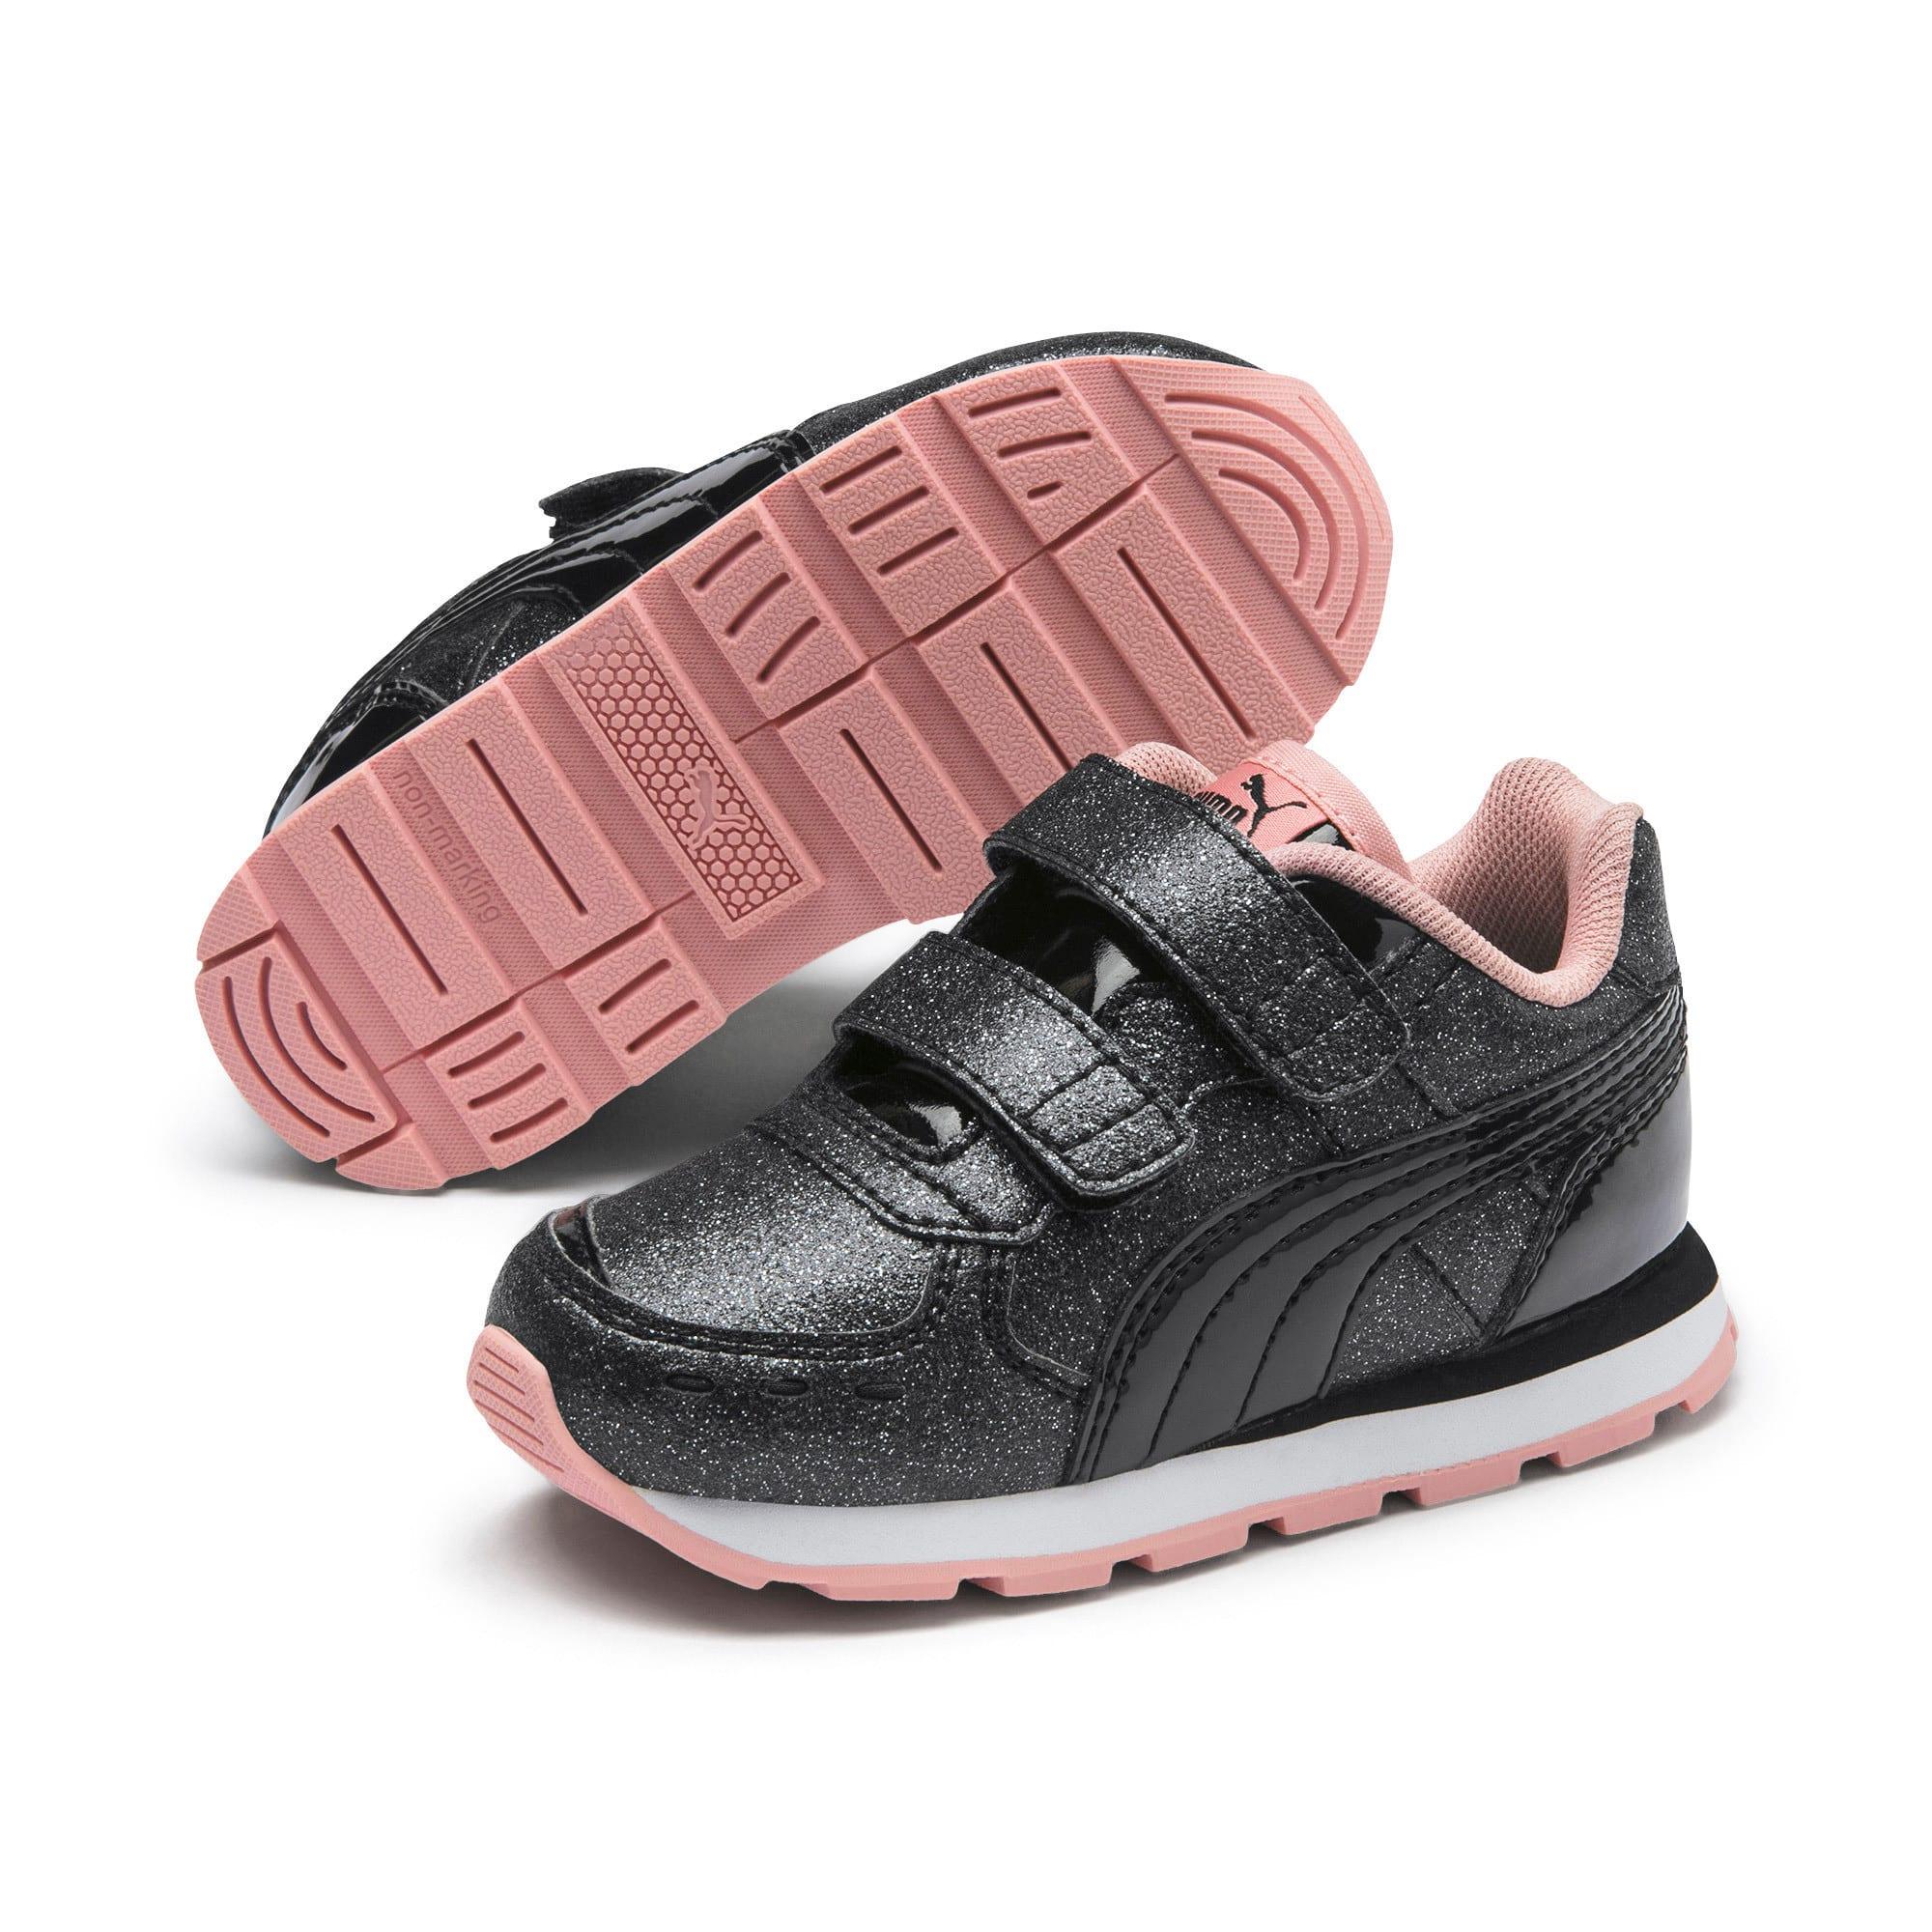 Miniatura 2 de Zapatos Vista Glitz para bebés, Puma Black-Bridal Rose, mediano